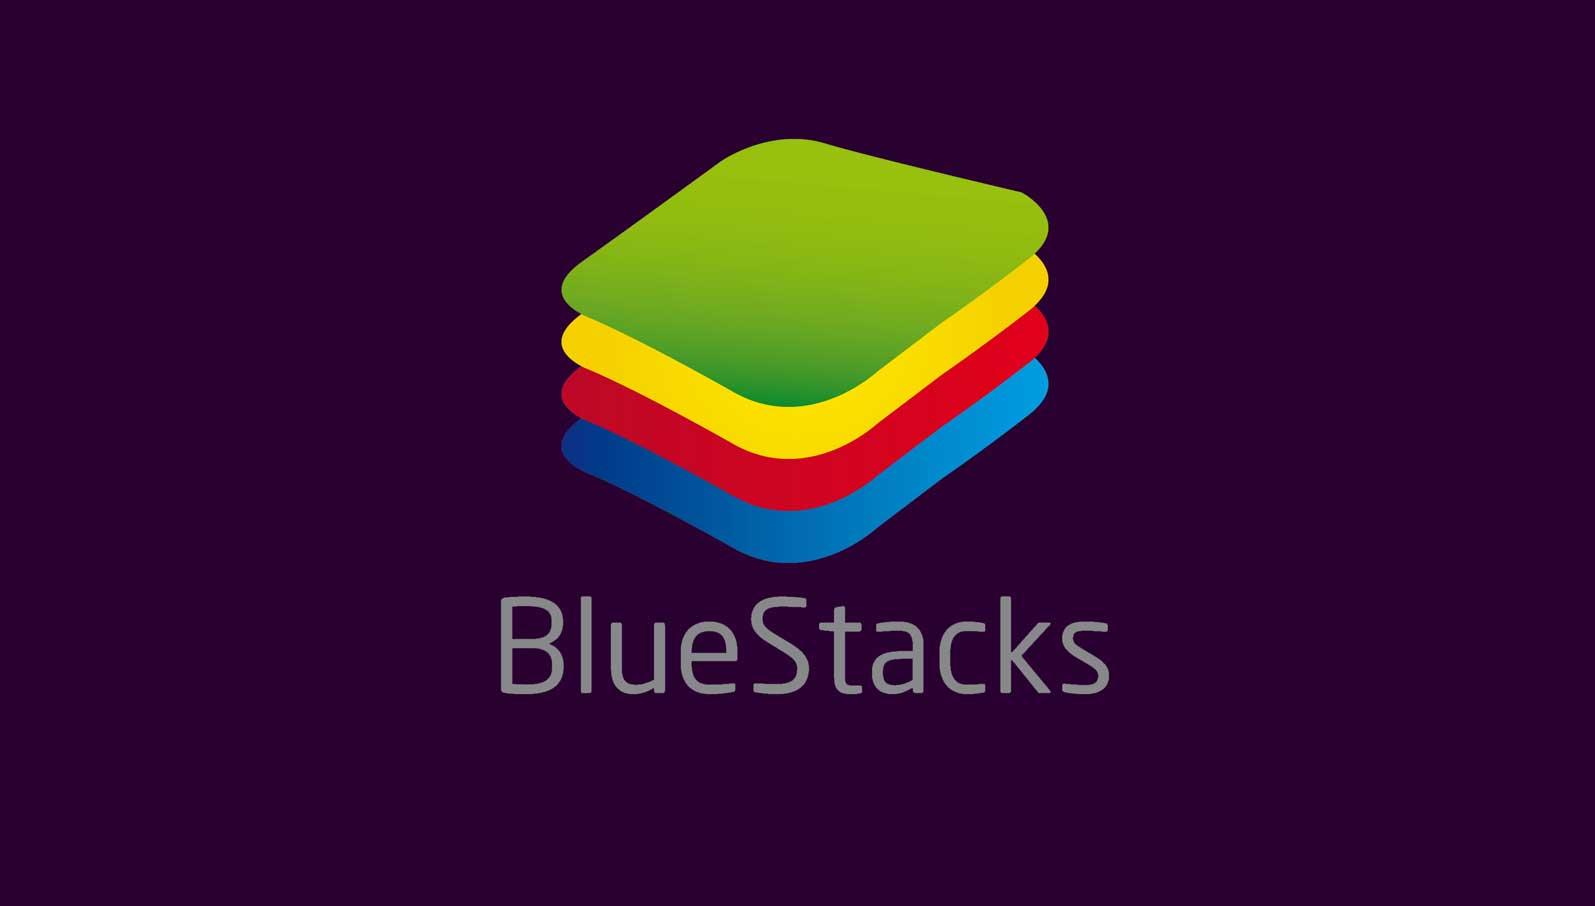 Bluestacks логотип эмулятора